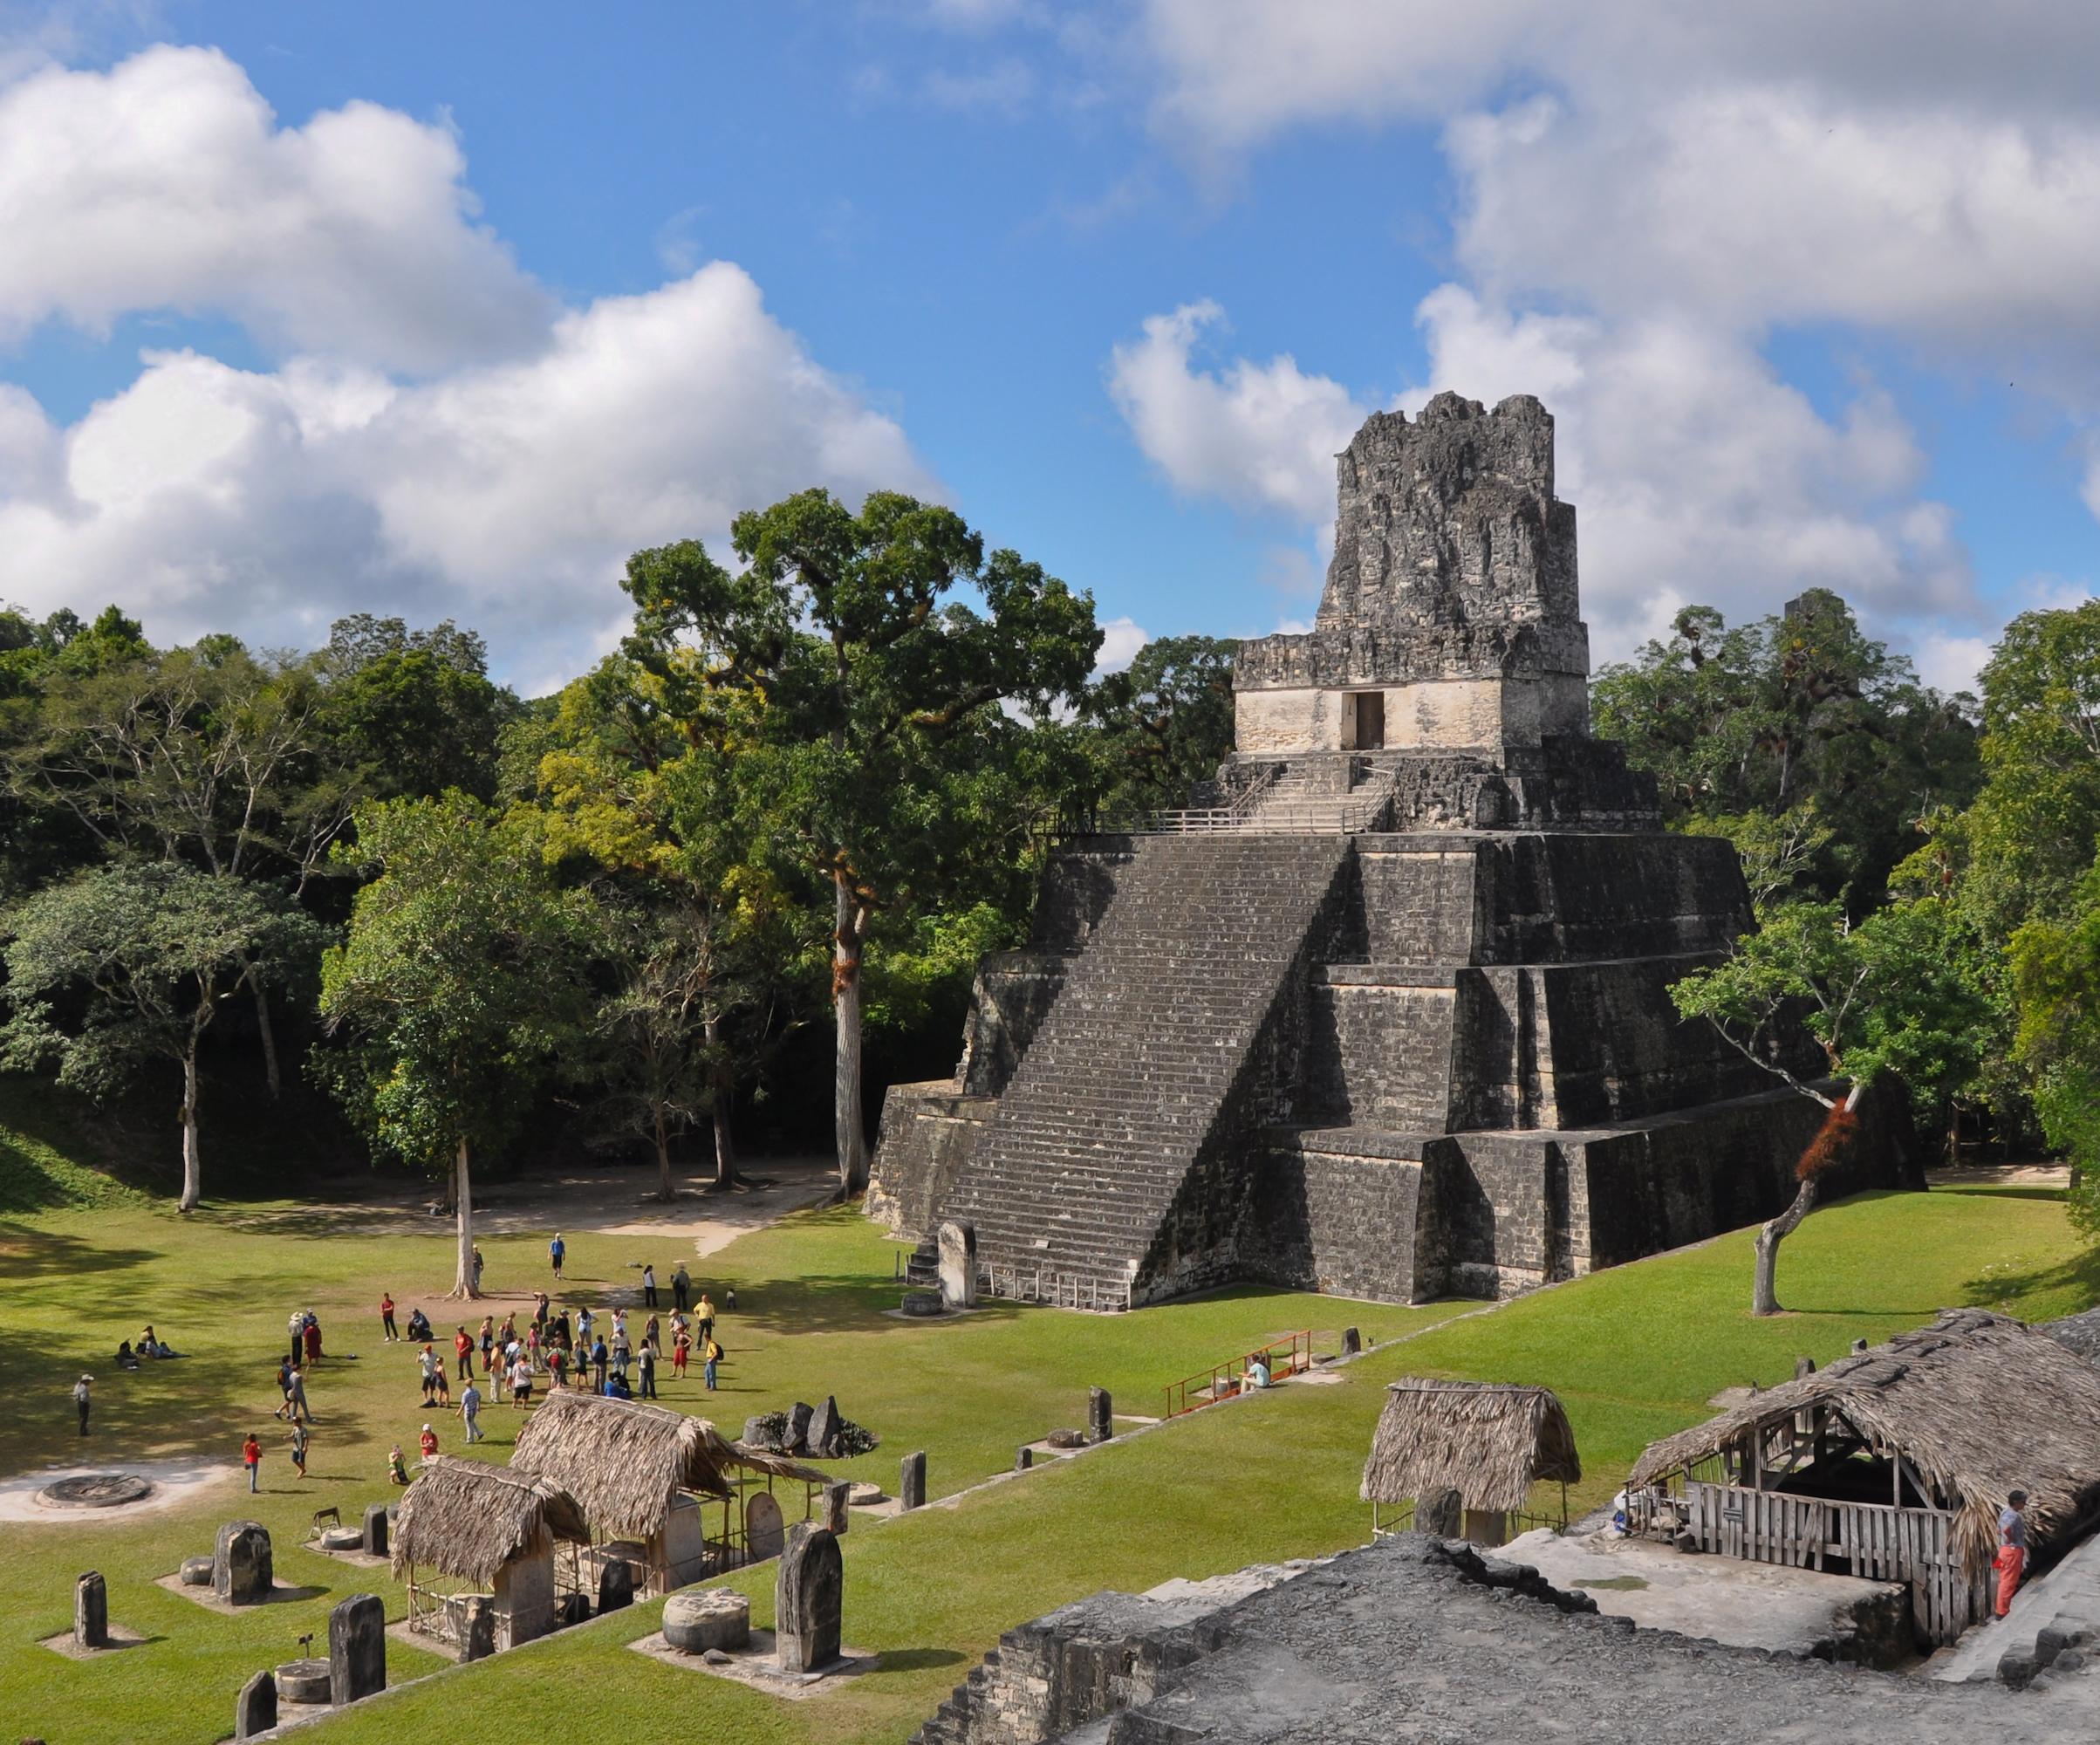 Templo De Las Máscaras Wikipedia La Enciclopedia Libre